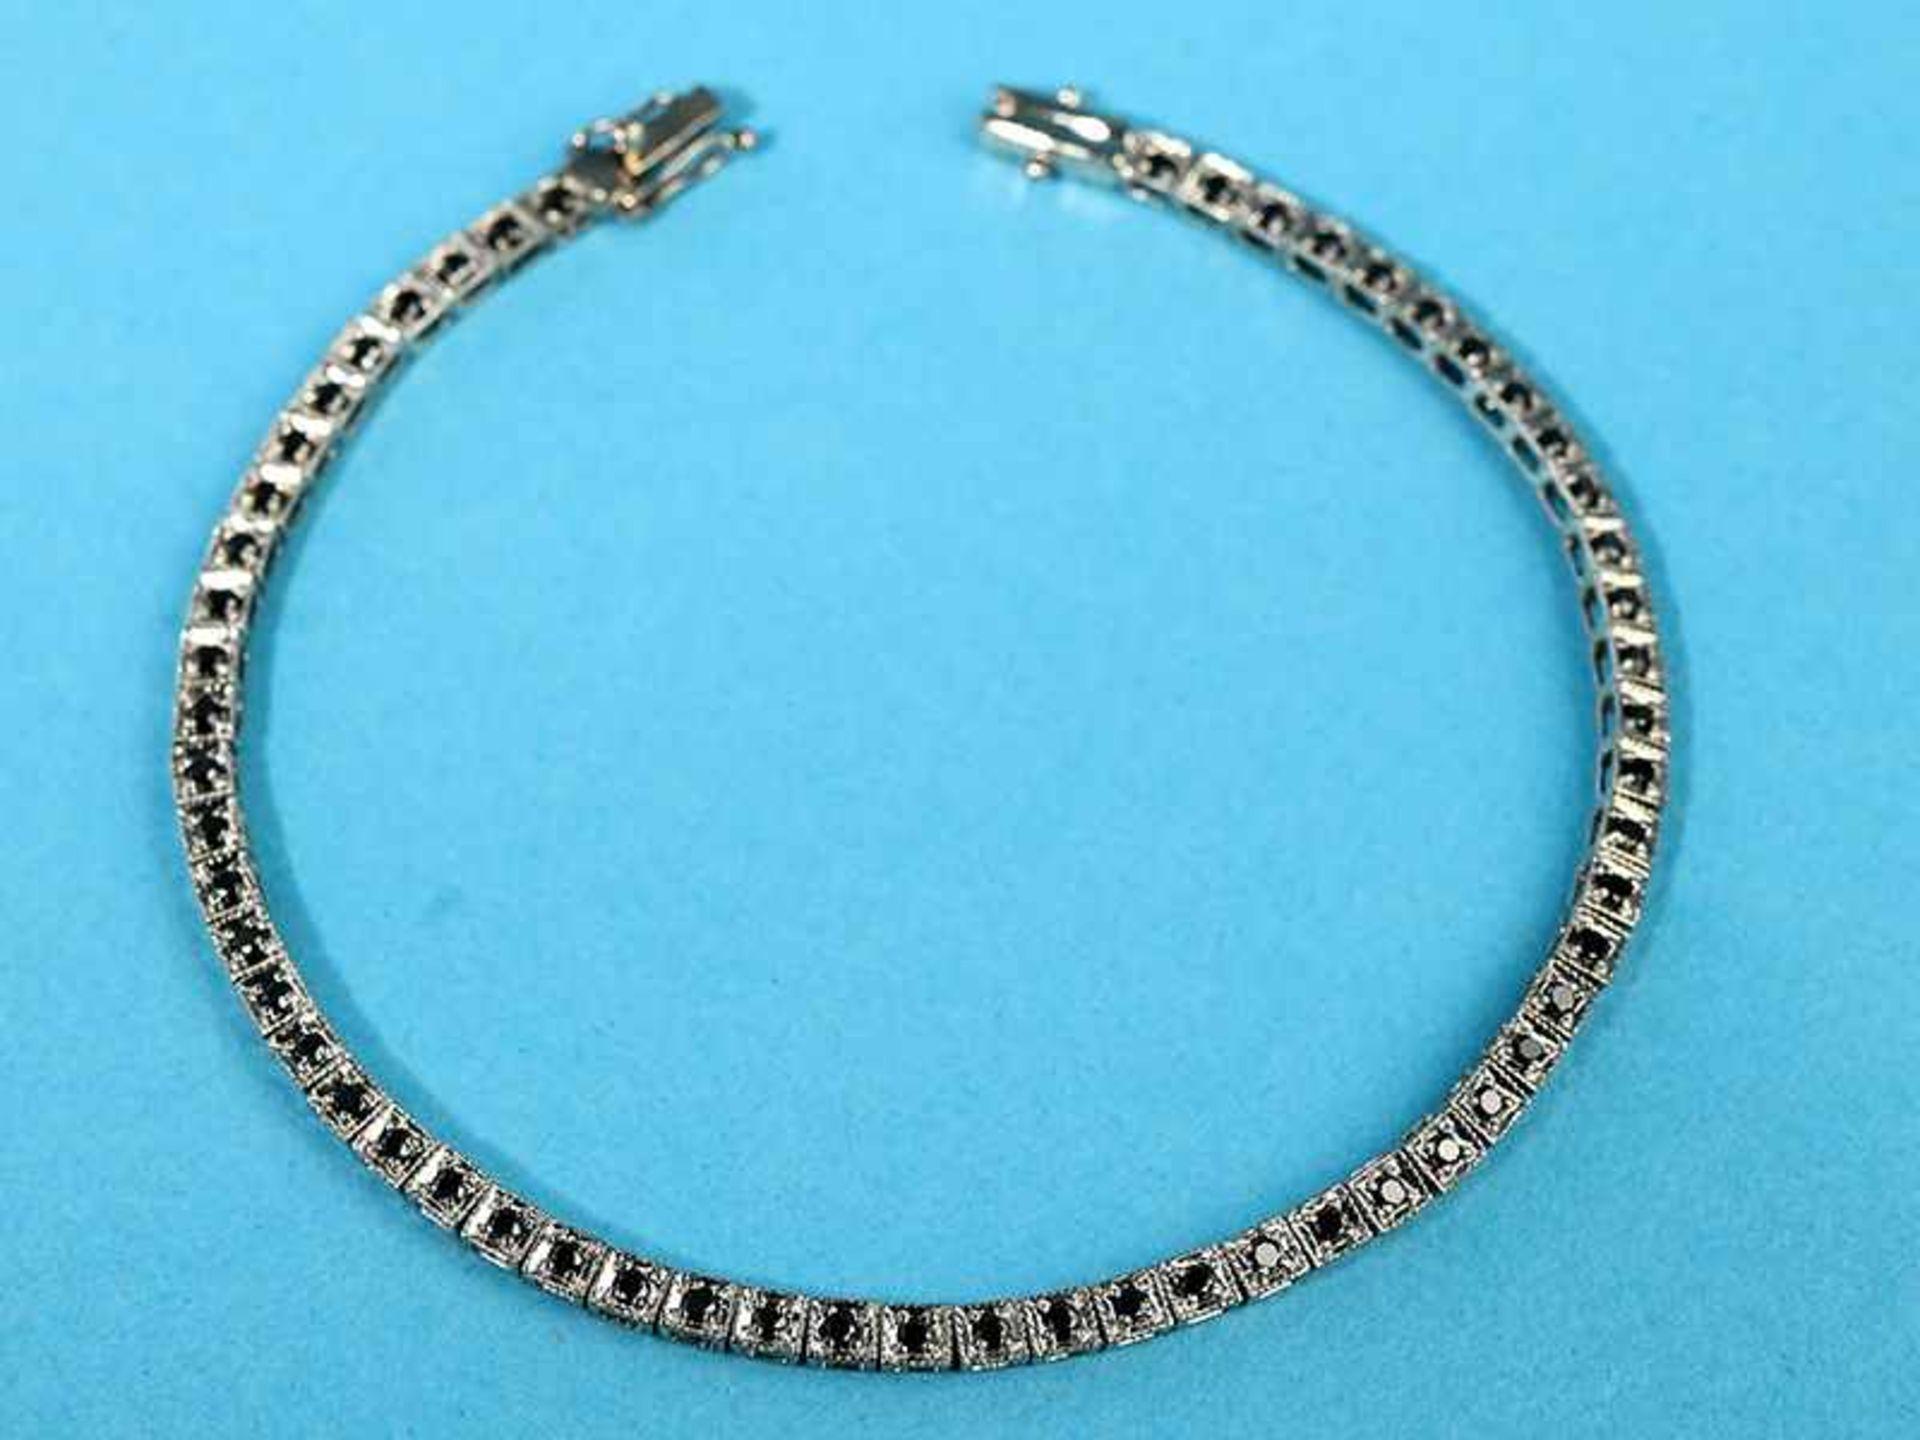 Streifenarmband mit 57 schwarzen Diamanten, zusammen ca. 0,5 ct, 21. Jh. 9 kt Weißgold.